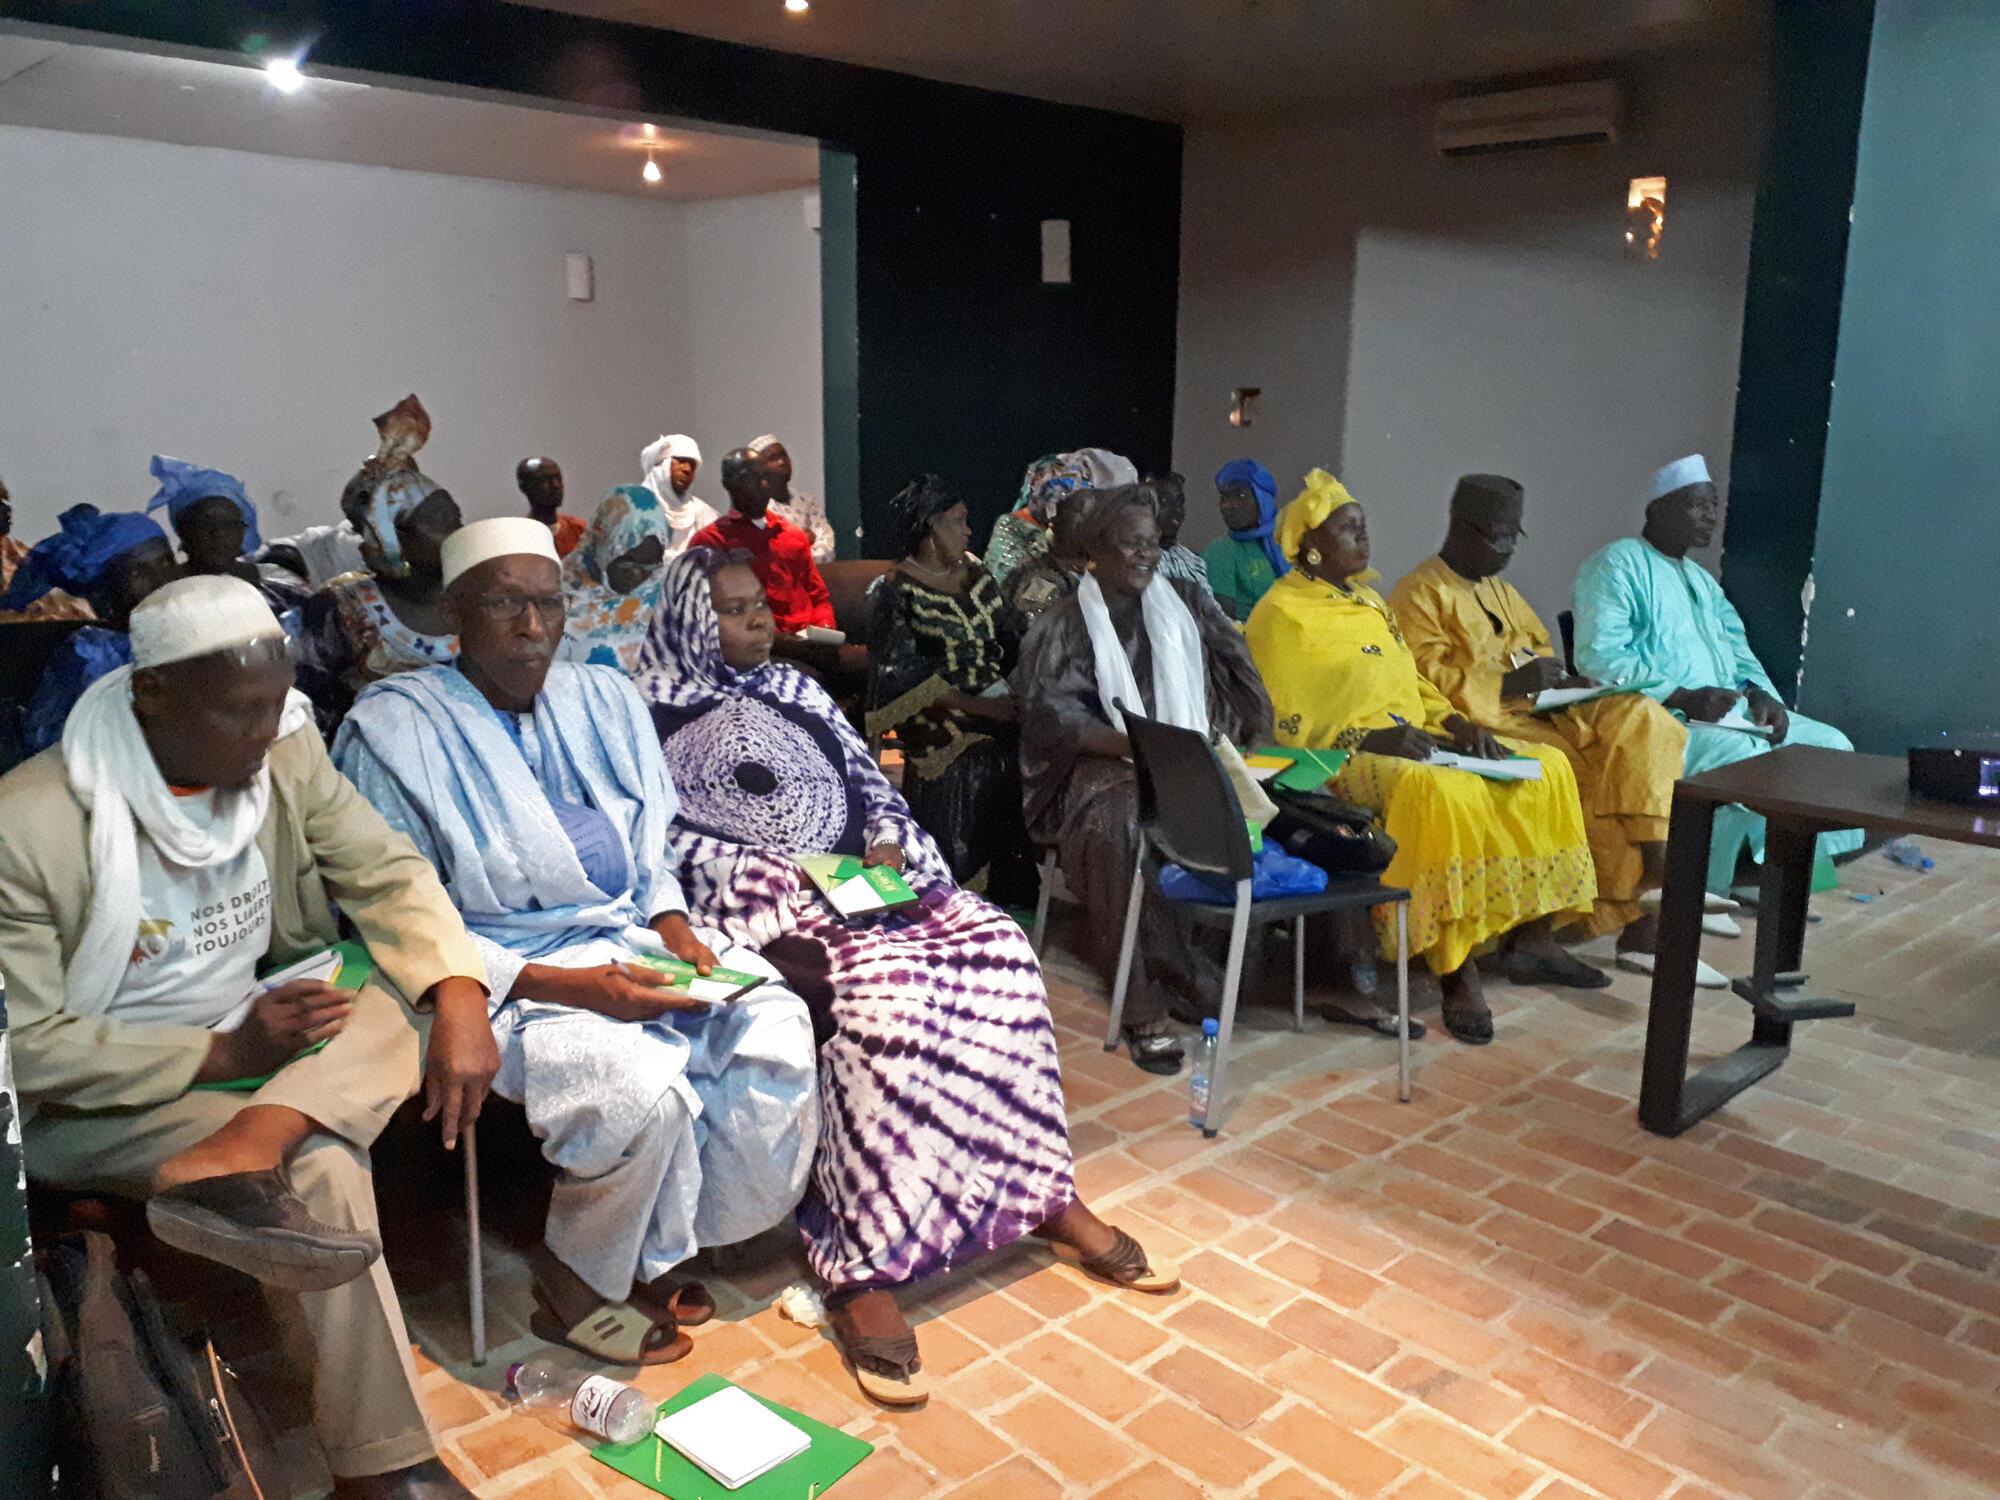 Réunion de la société civile à Tombouctou, au Mali.